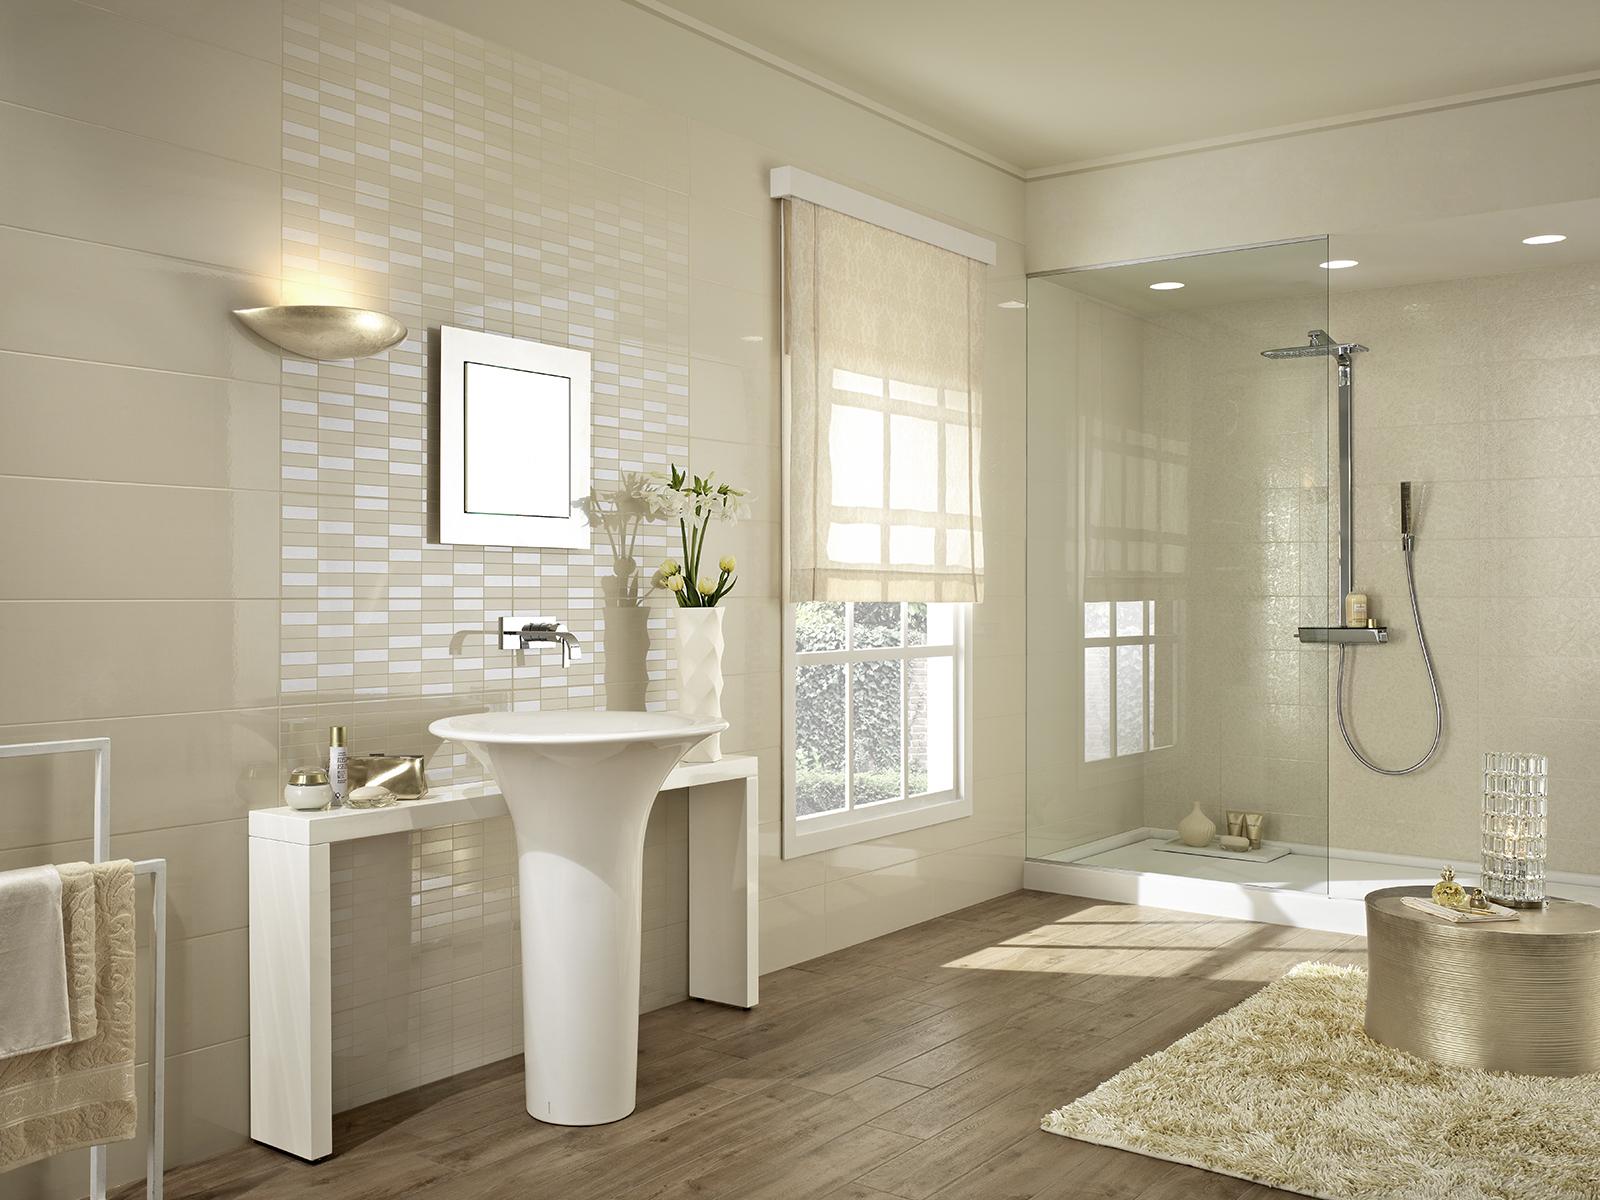 Colourline c ramique polie pour salle de bain marazzi for Ceramique pour salle de bain